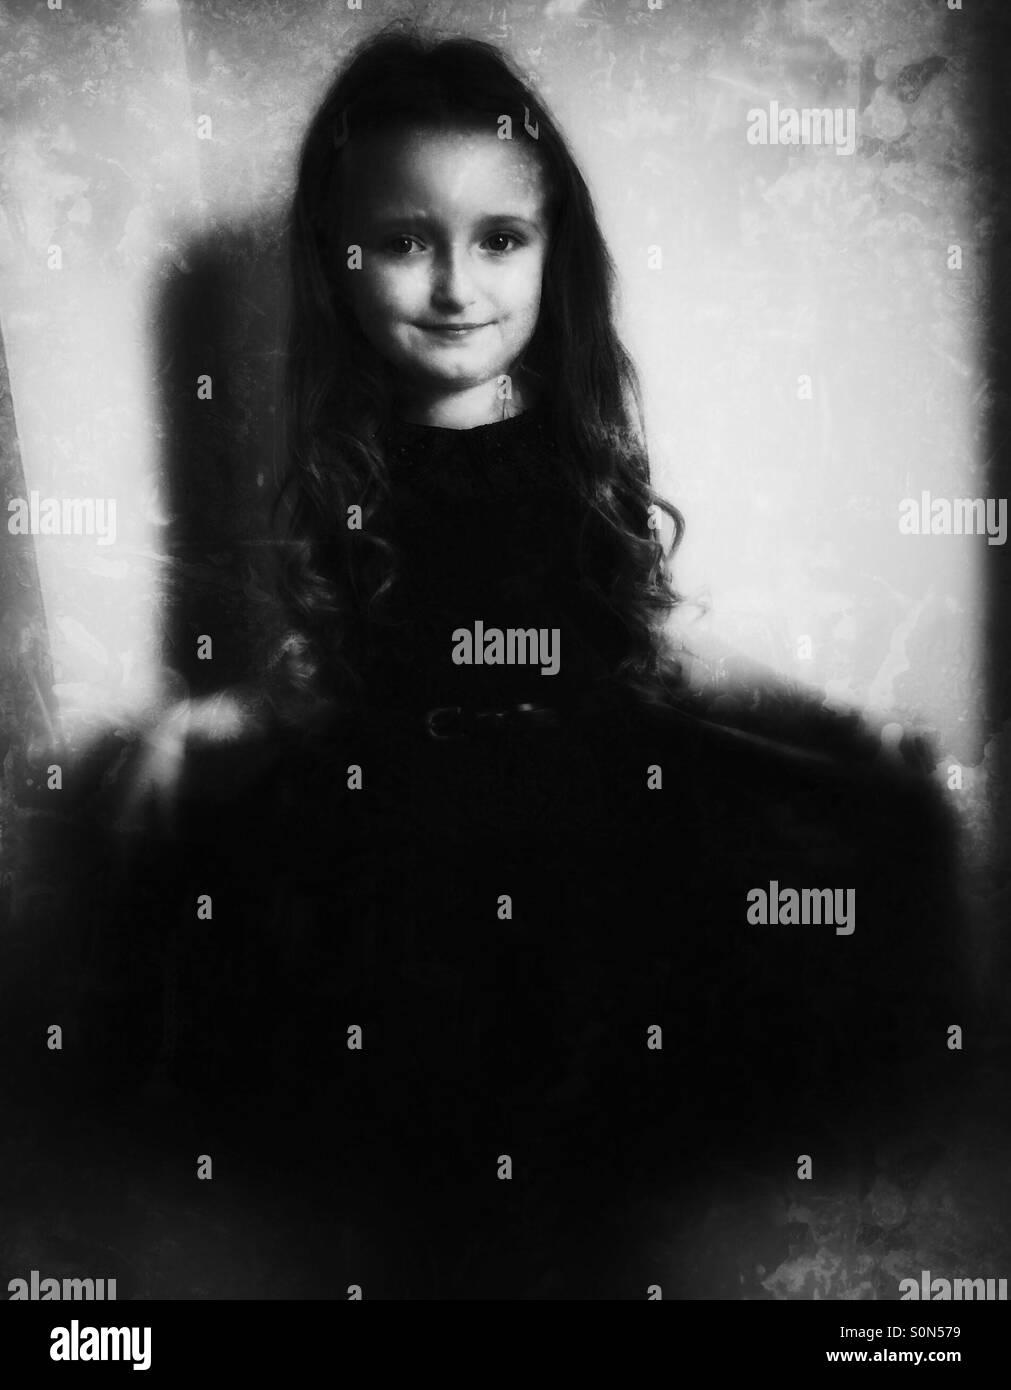 Hübsches kleines Mädchen tragen ein Partykleid. Schwarz   weiß ... e676cf8902